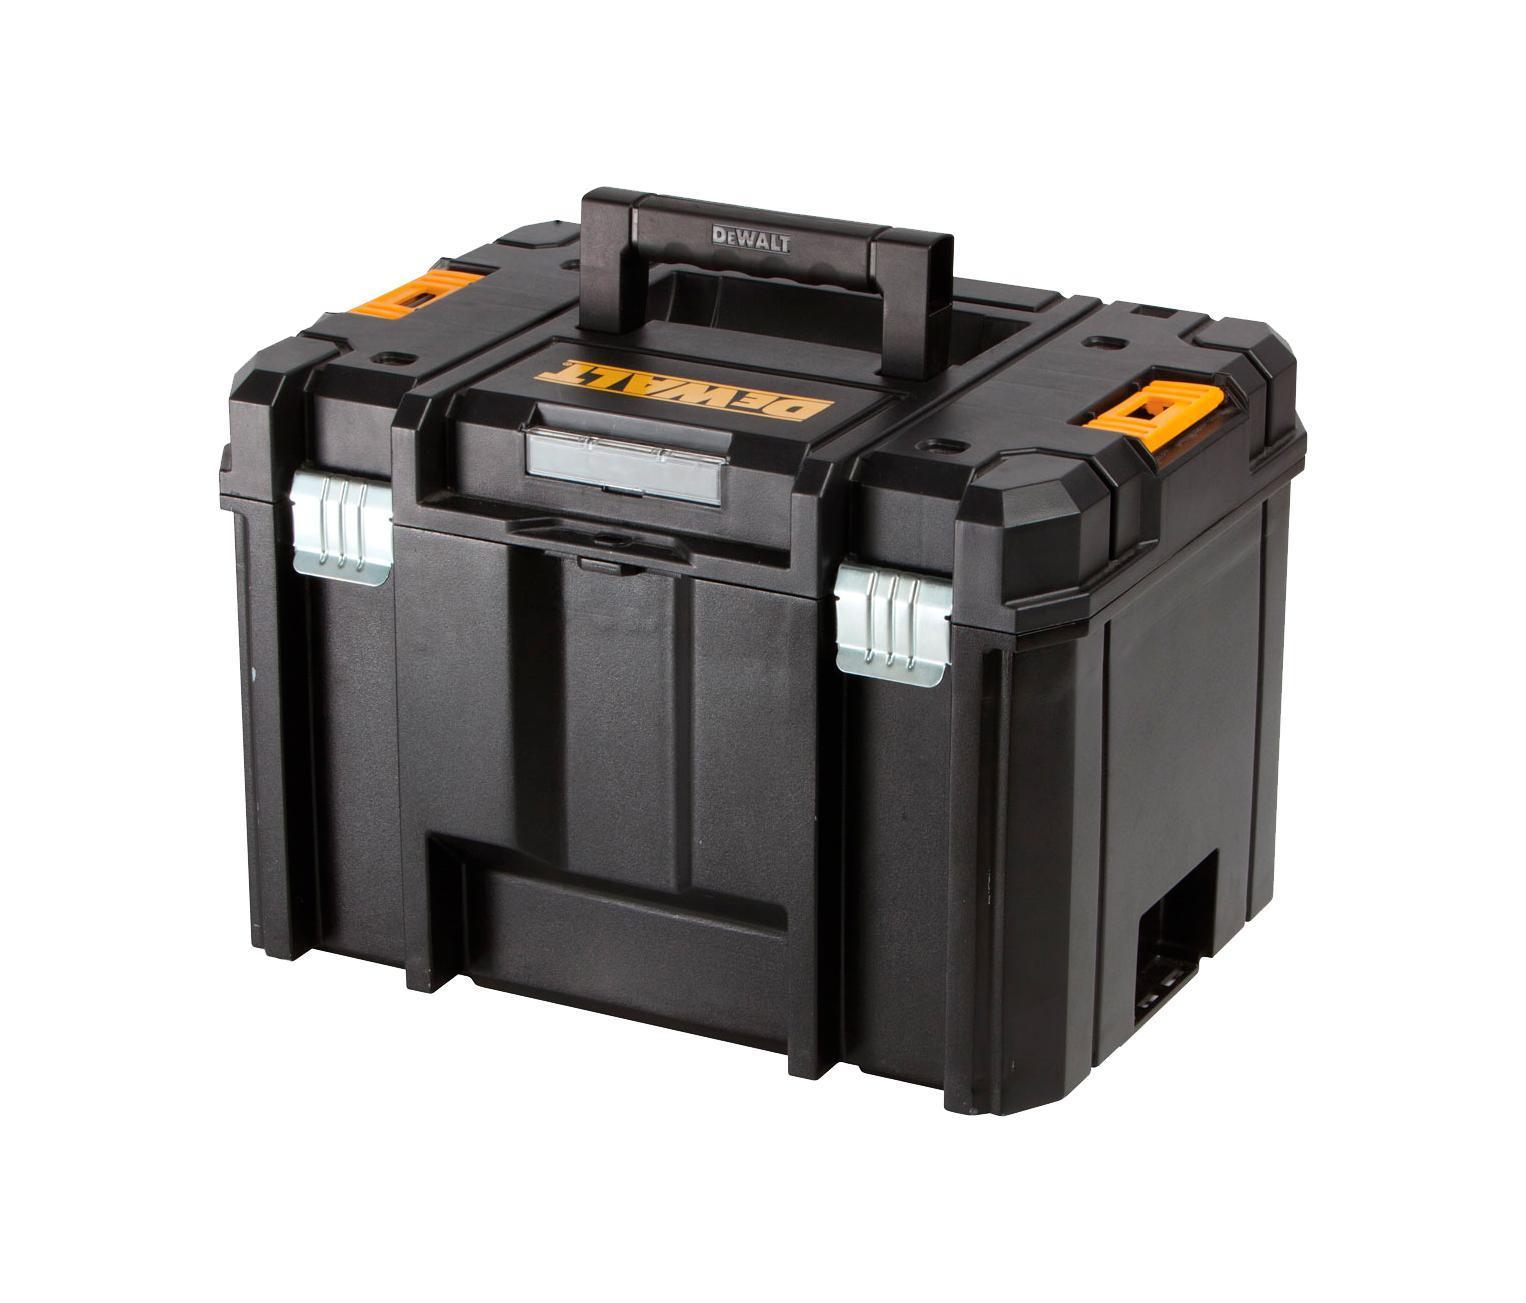 Ящик для инструмента DeWalt Tstak, глубокий, 23 лDWST1-71195Ящик для инструментов STANLEY DEWALT TSTAK DWST1-71195 — это отличный ящик с дополнительными креплениями. Ящик сделан из пластмассы. В ящике вы найдете маленькие отделения для шурупов, винтов, гвоздей, бит, сверел и прочей мелочи. Этот ящик совмещает систему хранения и удобной транспортировки инструментов. Безопасная система фиксации ящиков и защиты от воды, пыли и грязи точно порадует вас. Ящики можно комбинировать и использовать только необходимые в конкретный момент.